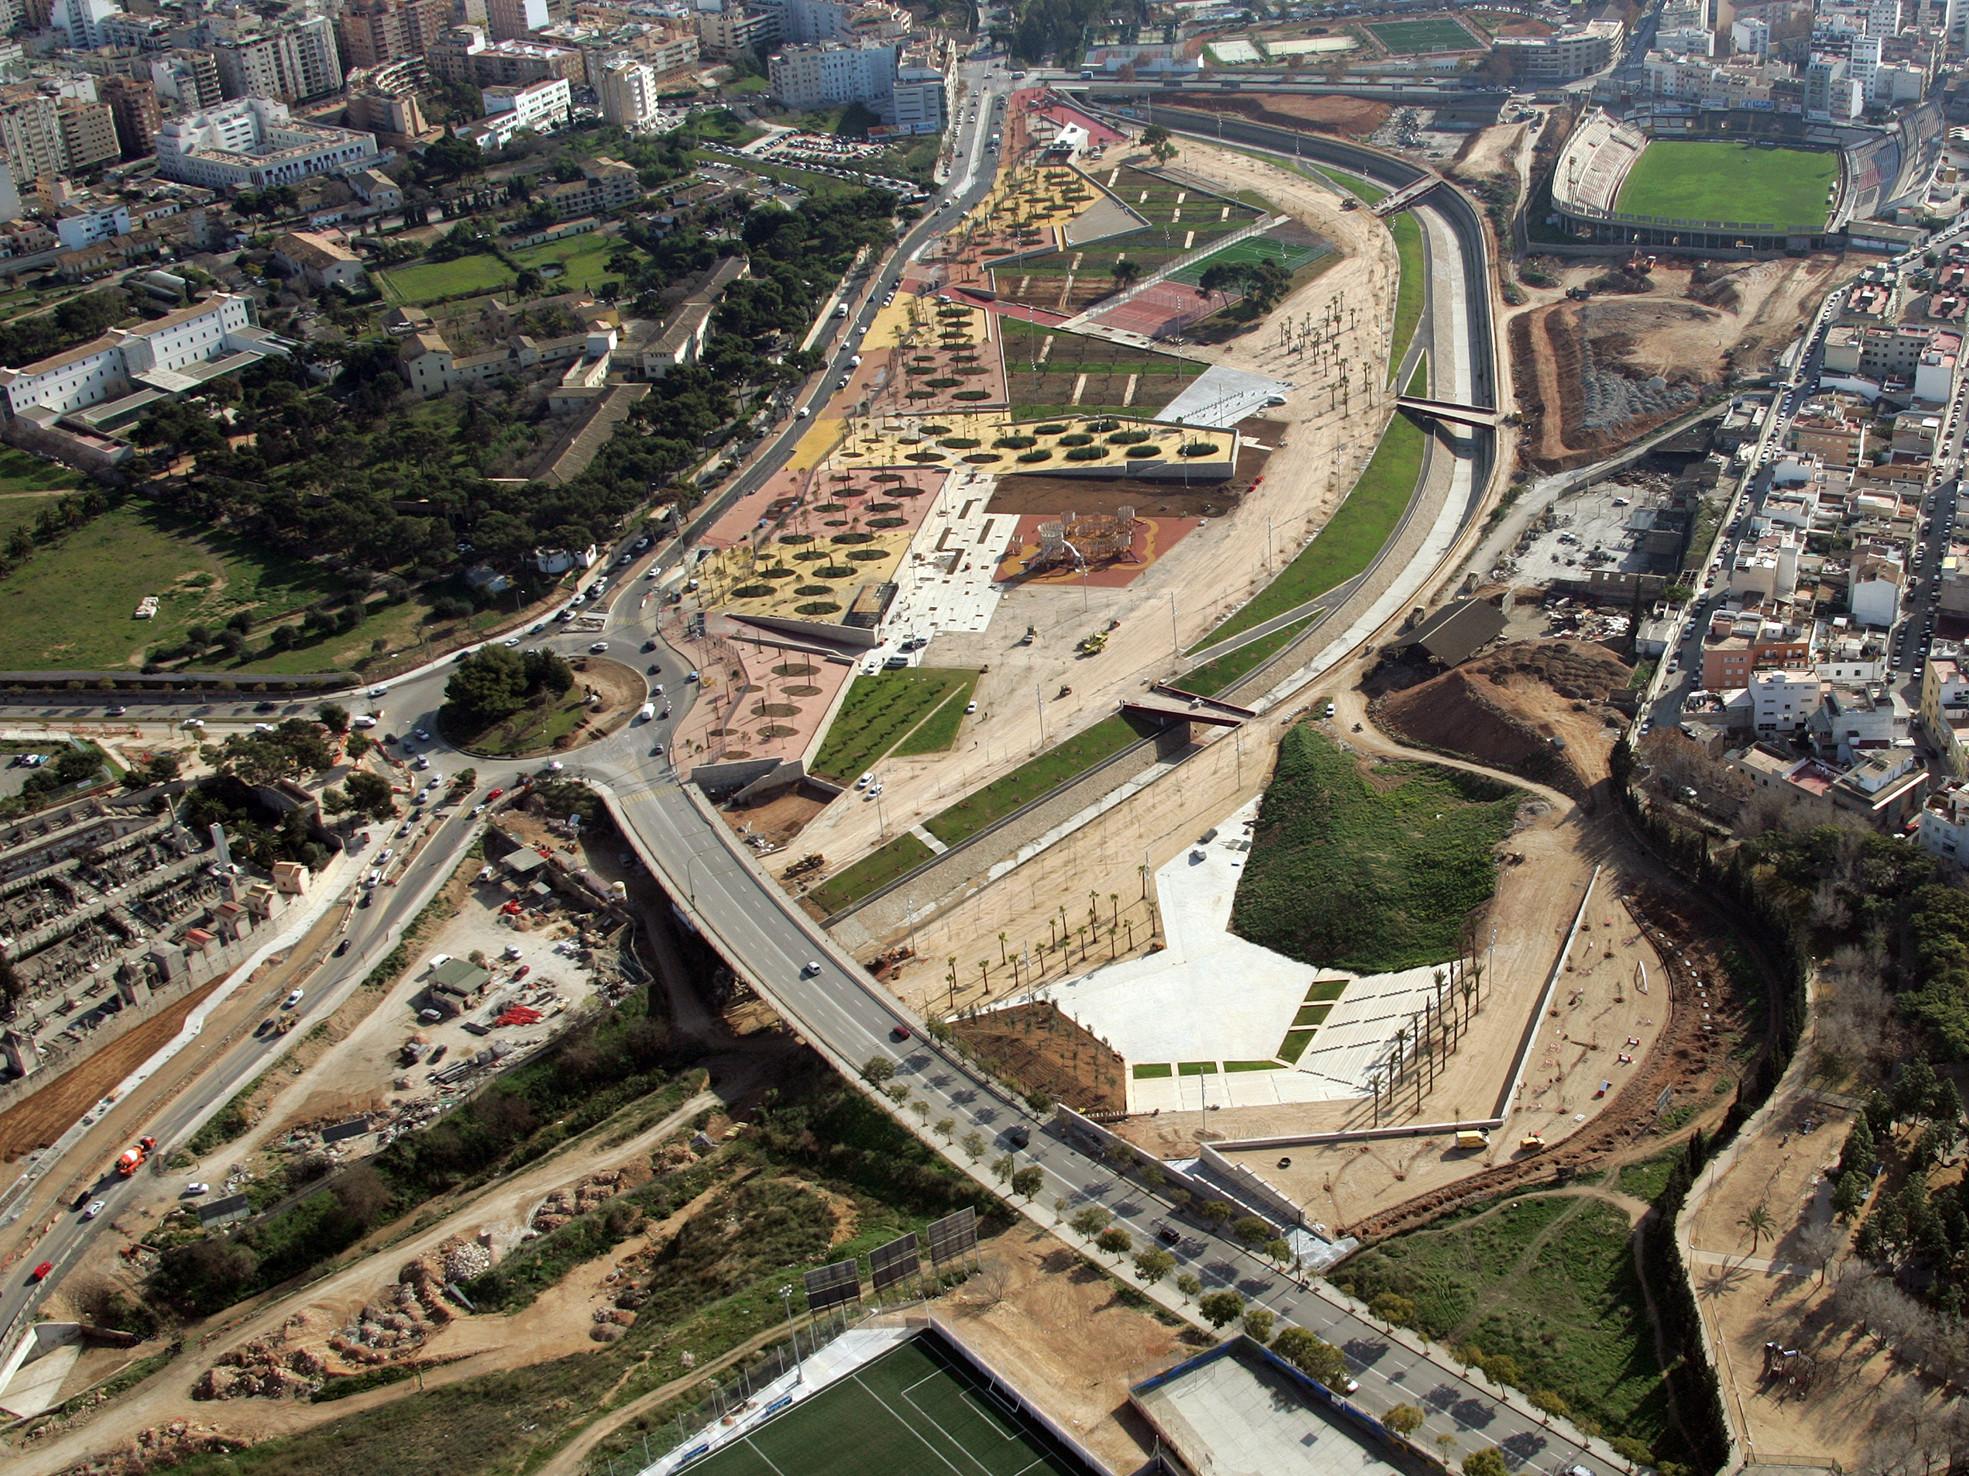 Parque de sa riera ravetllat ribas arquitectos plataforma arquitectura - Arquitectos palma de mallorca ...